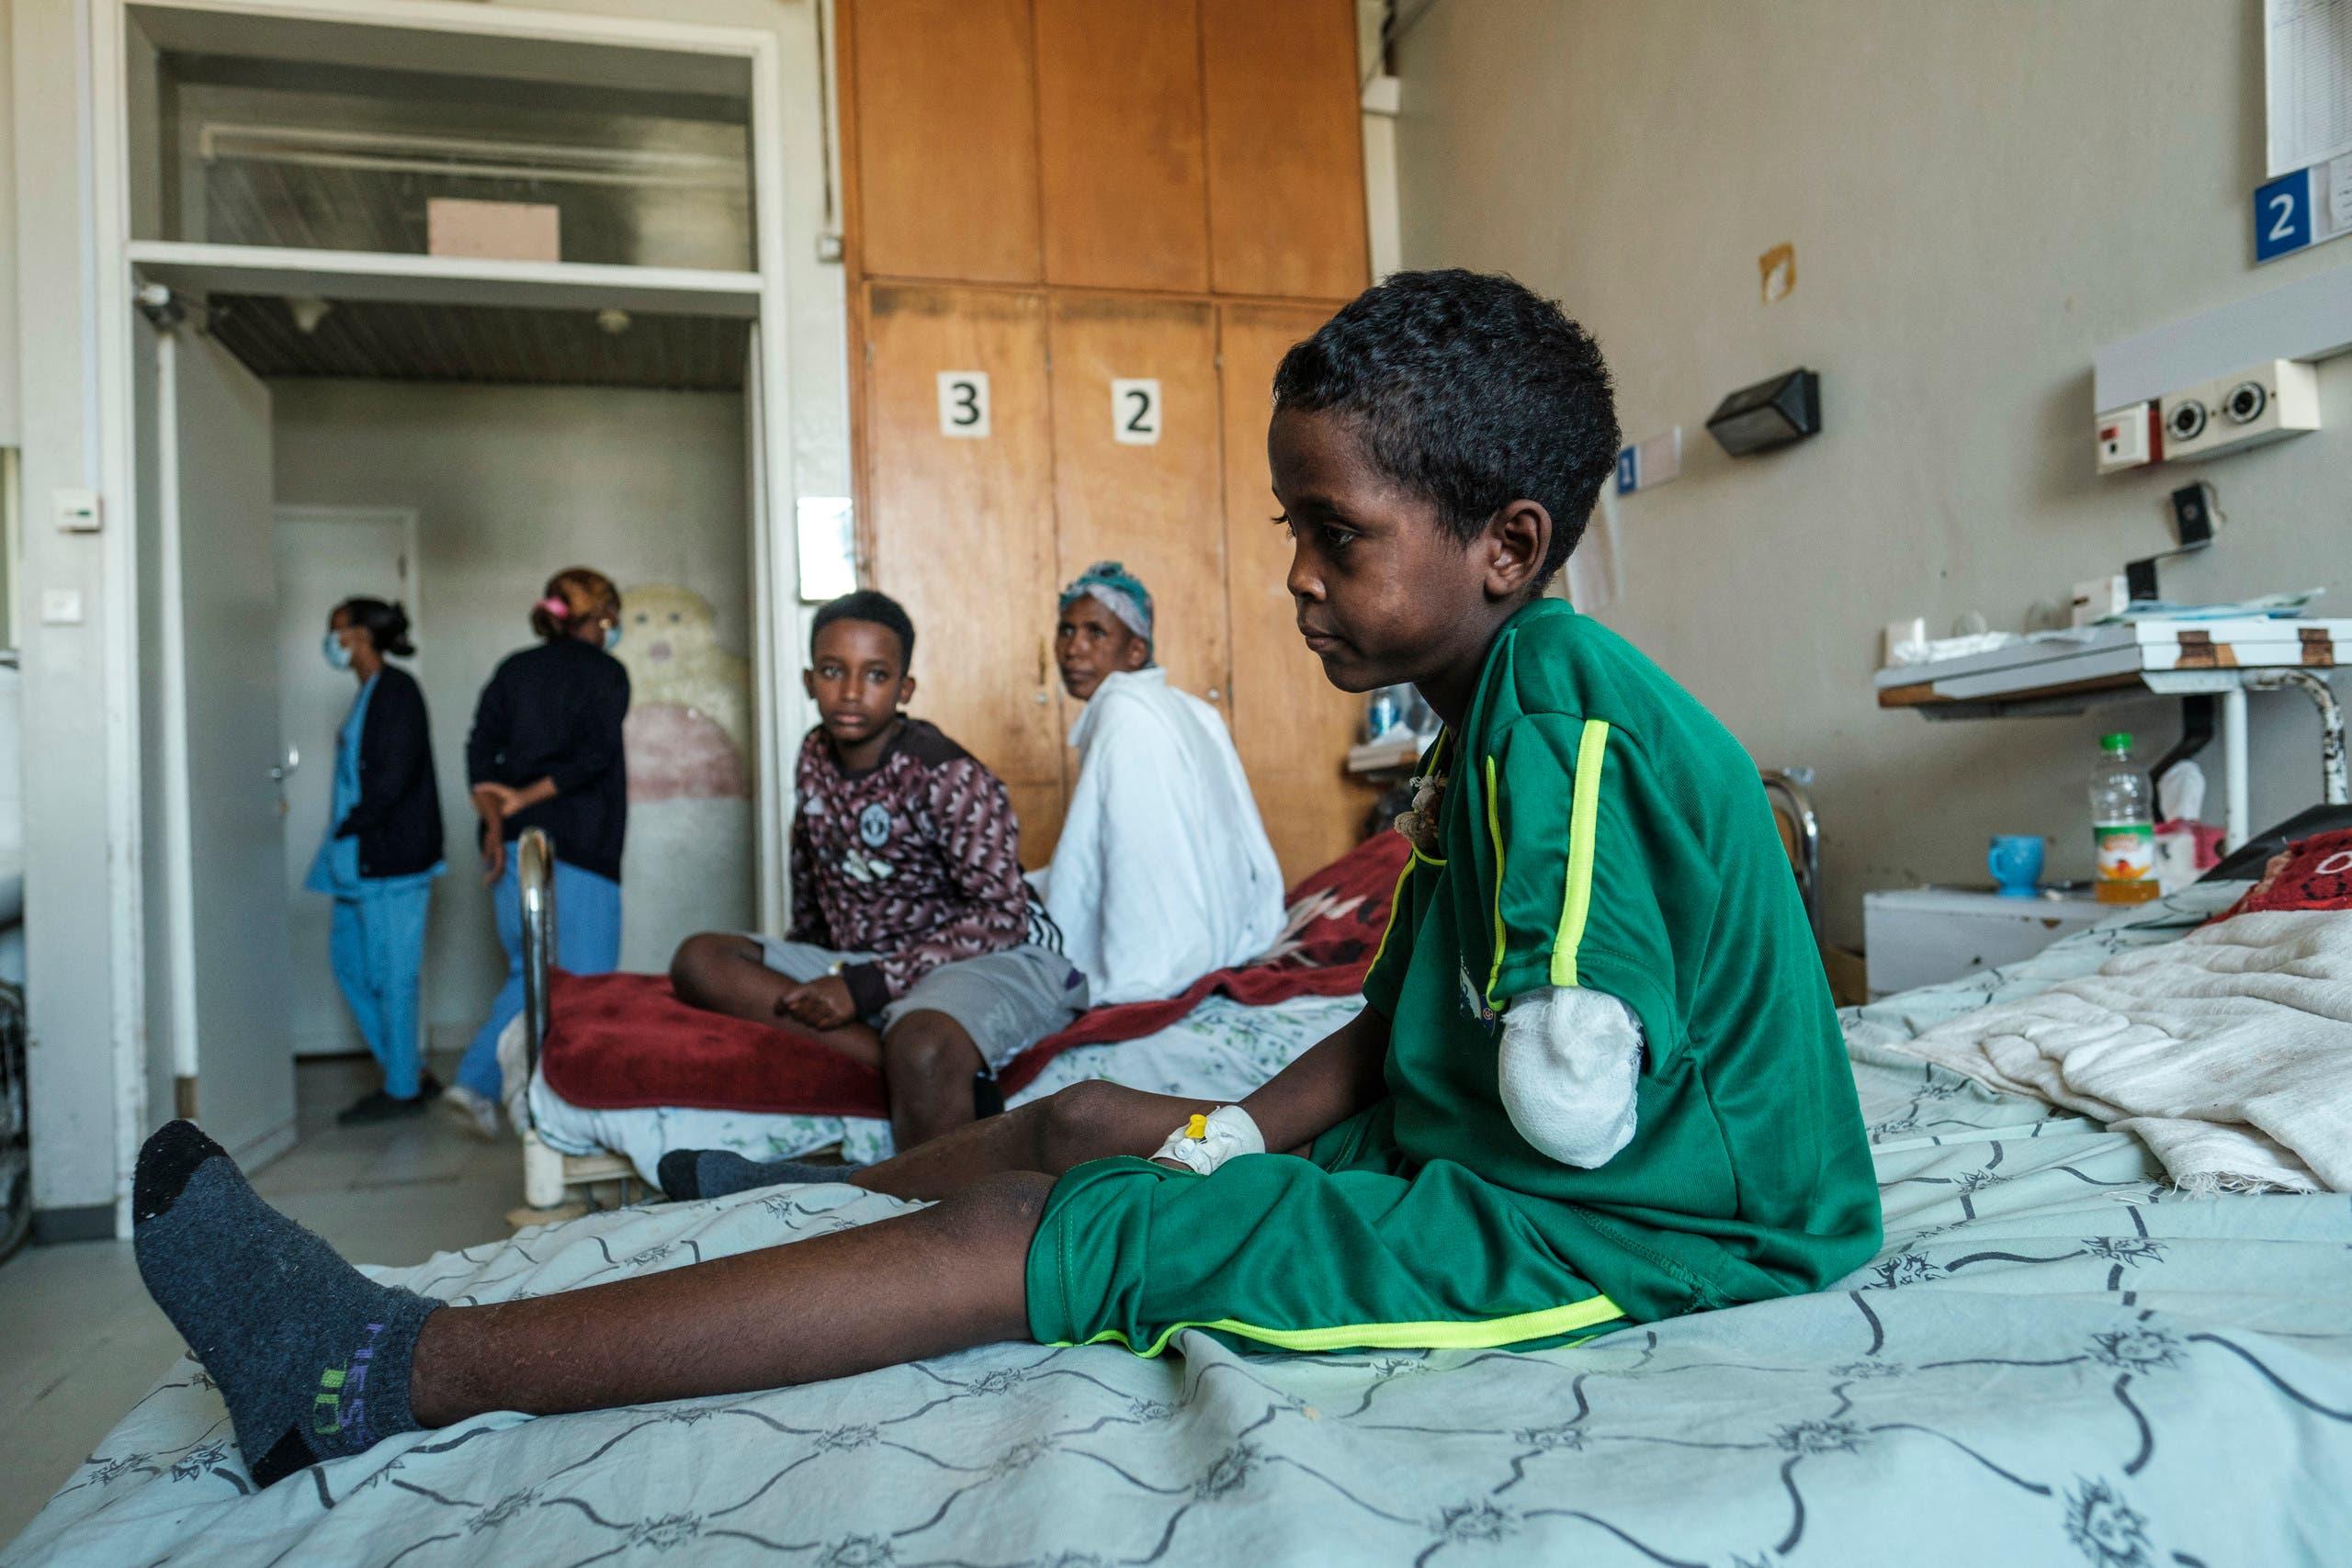 طفل مصاب جراء القتال في تيغراي يعالج في مستشفى مدينة ميكيلي في الإقليم